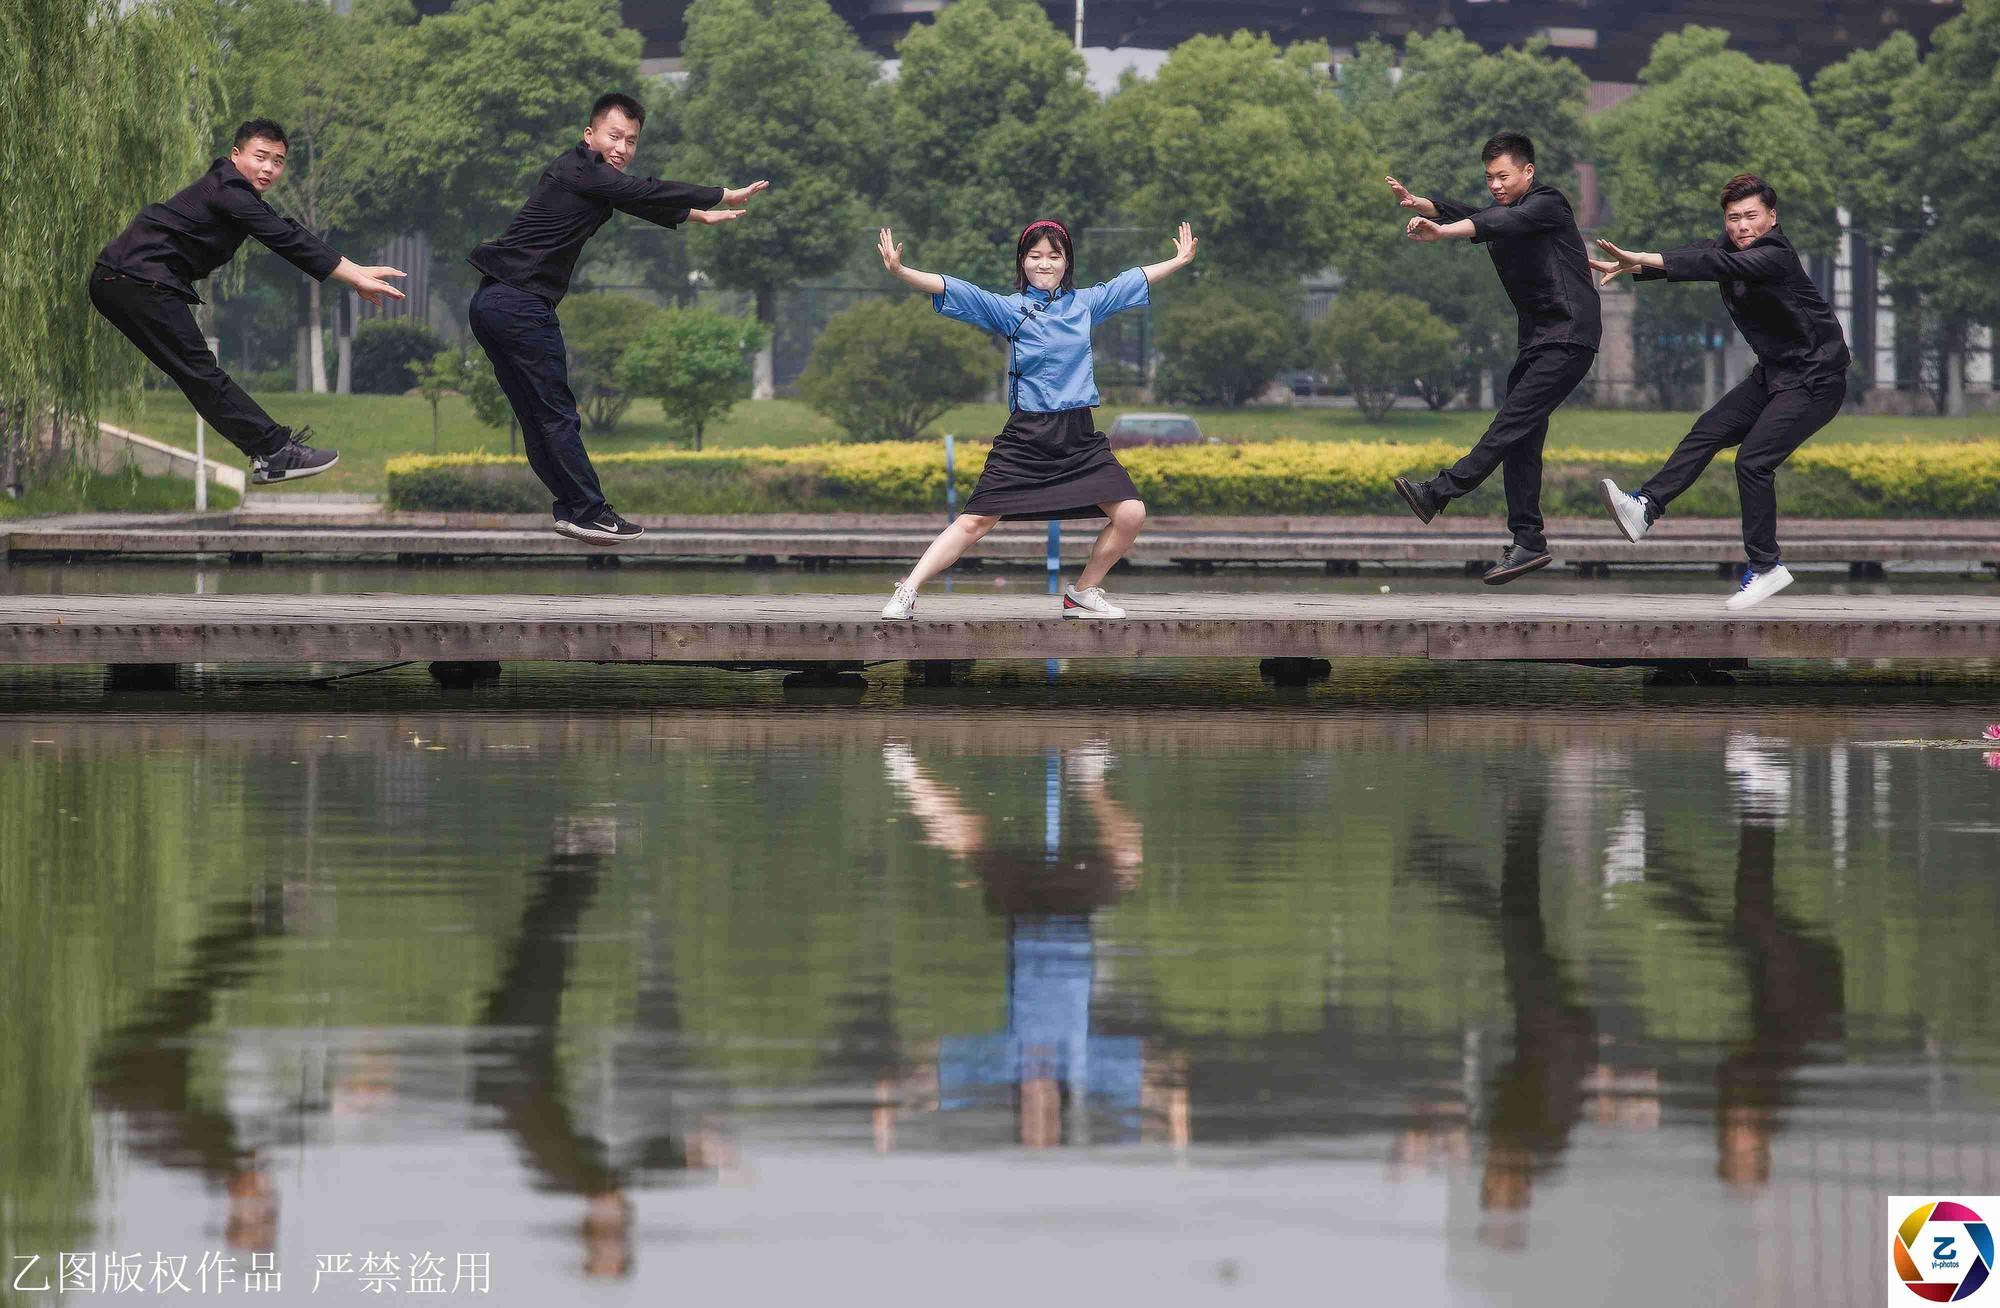 Kỷ yếu của học sinh Trung Quốc: Lầy lội nhưng sáng tạo và chất không kém Việt Nam - Ảnh 7.